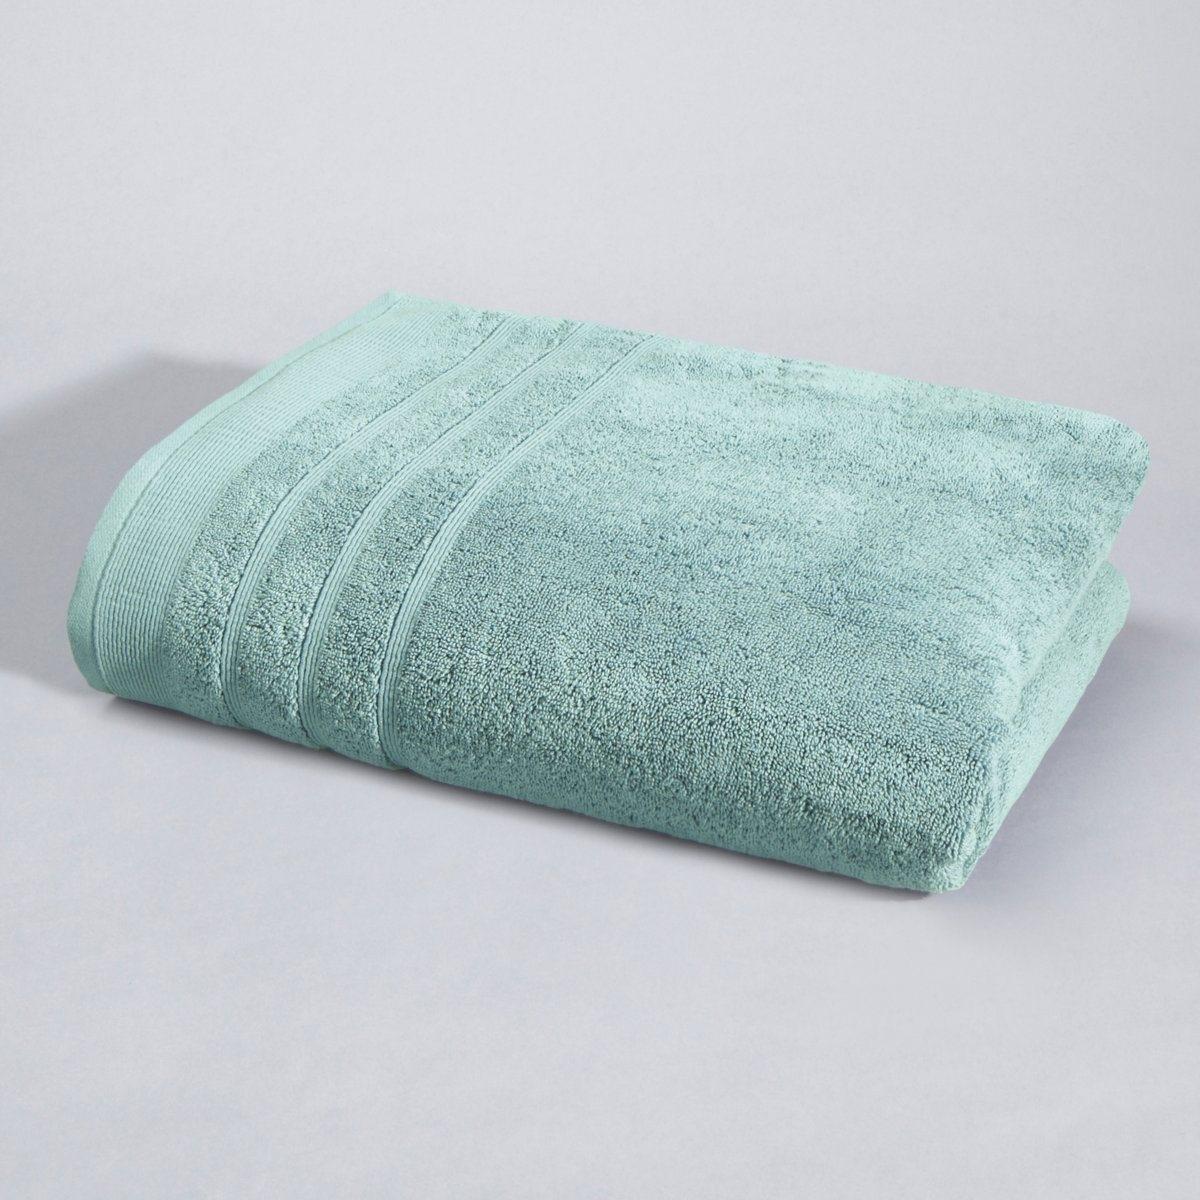 Полотенце банное 600 г/м?, Качество BestПышное полотенце с исключительной впитывающей способностью. Невероятный комфорт!Характеристики банного полотенца :Качество BEST.Махровая ткань 100 % хлопка.Машинная стирка при 60°.Размеры банного полотенца:70 x 140 см.<br><br>Цвет: бежевый,белый,зелено-синий,зеленый мох,розовая пудра,Серо-синий,сине-зеленый,синий морской,темно-серый<br>Размер: 70 x 140  см.70 x 140  см.70 x 140  см.70 x 140  см.70 x 140  см.70 x 140  см